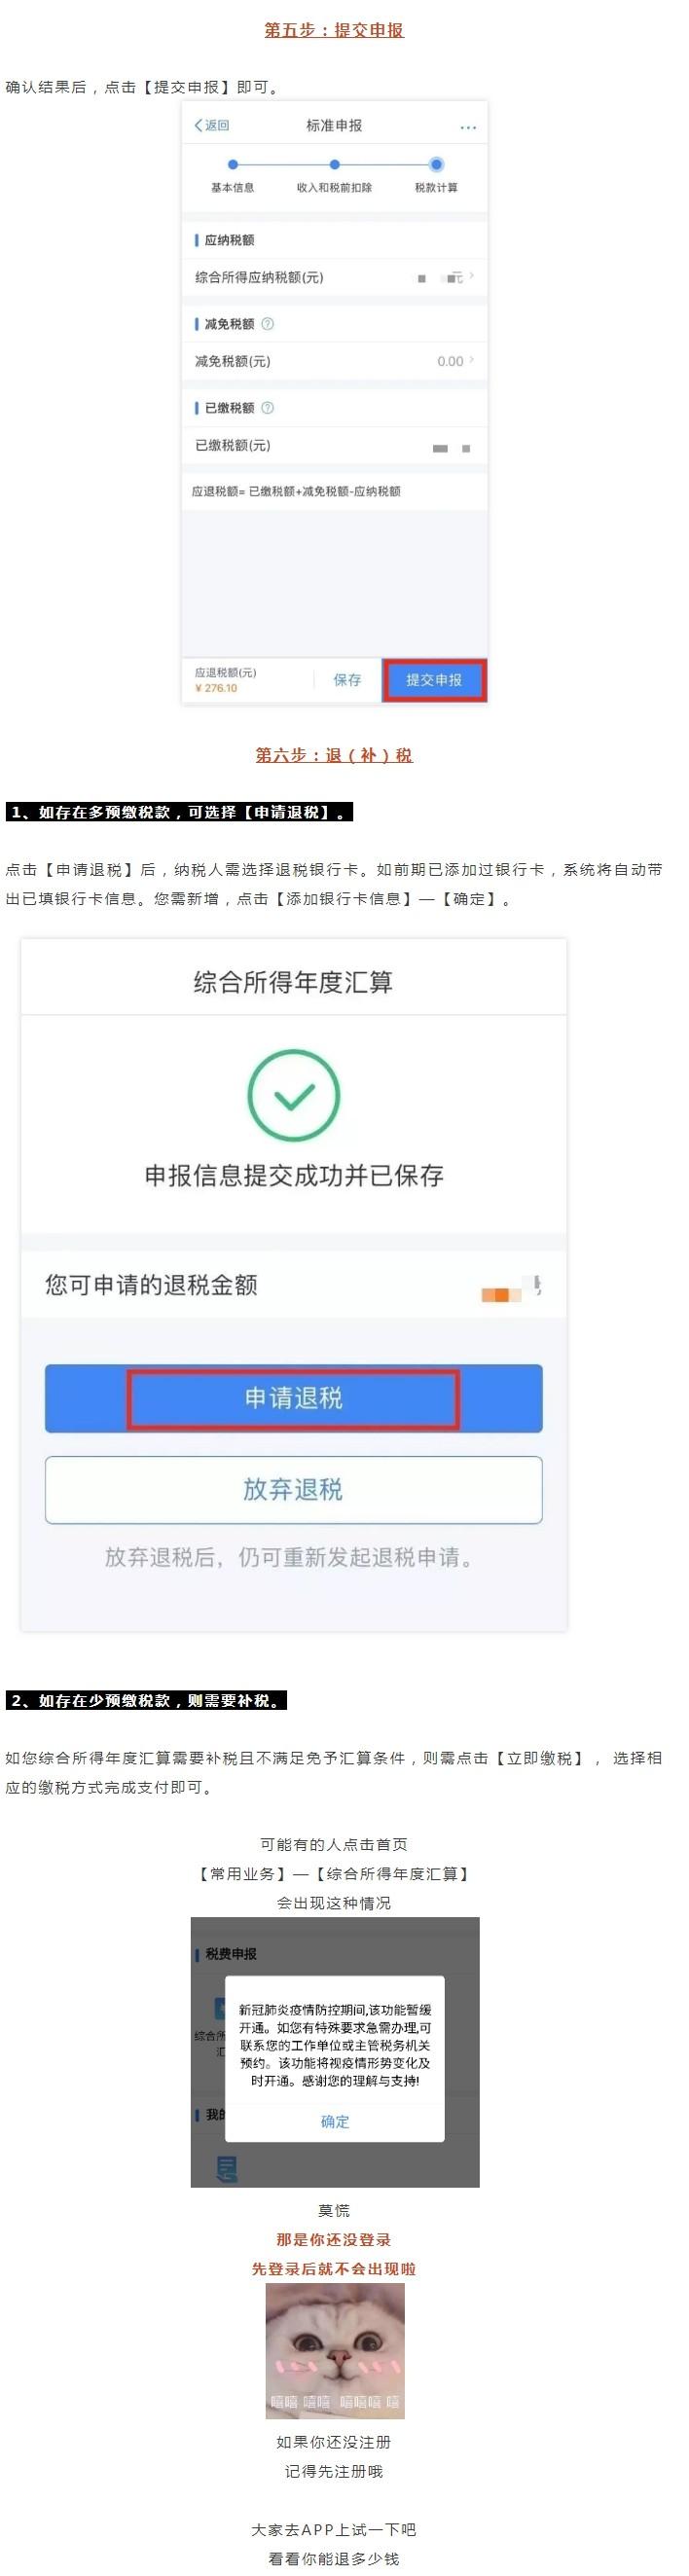 1586221639(1)_看圖王.jpg